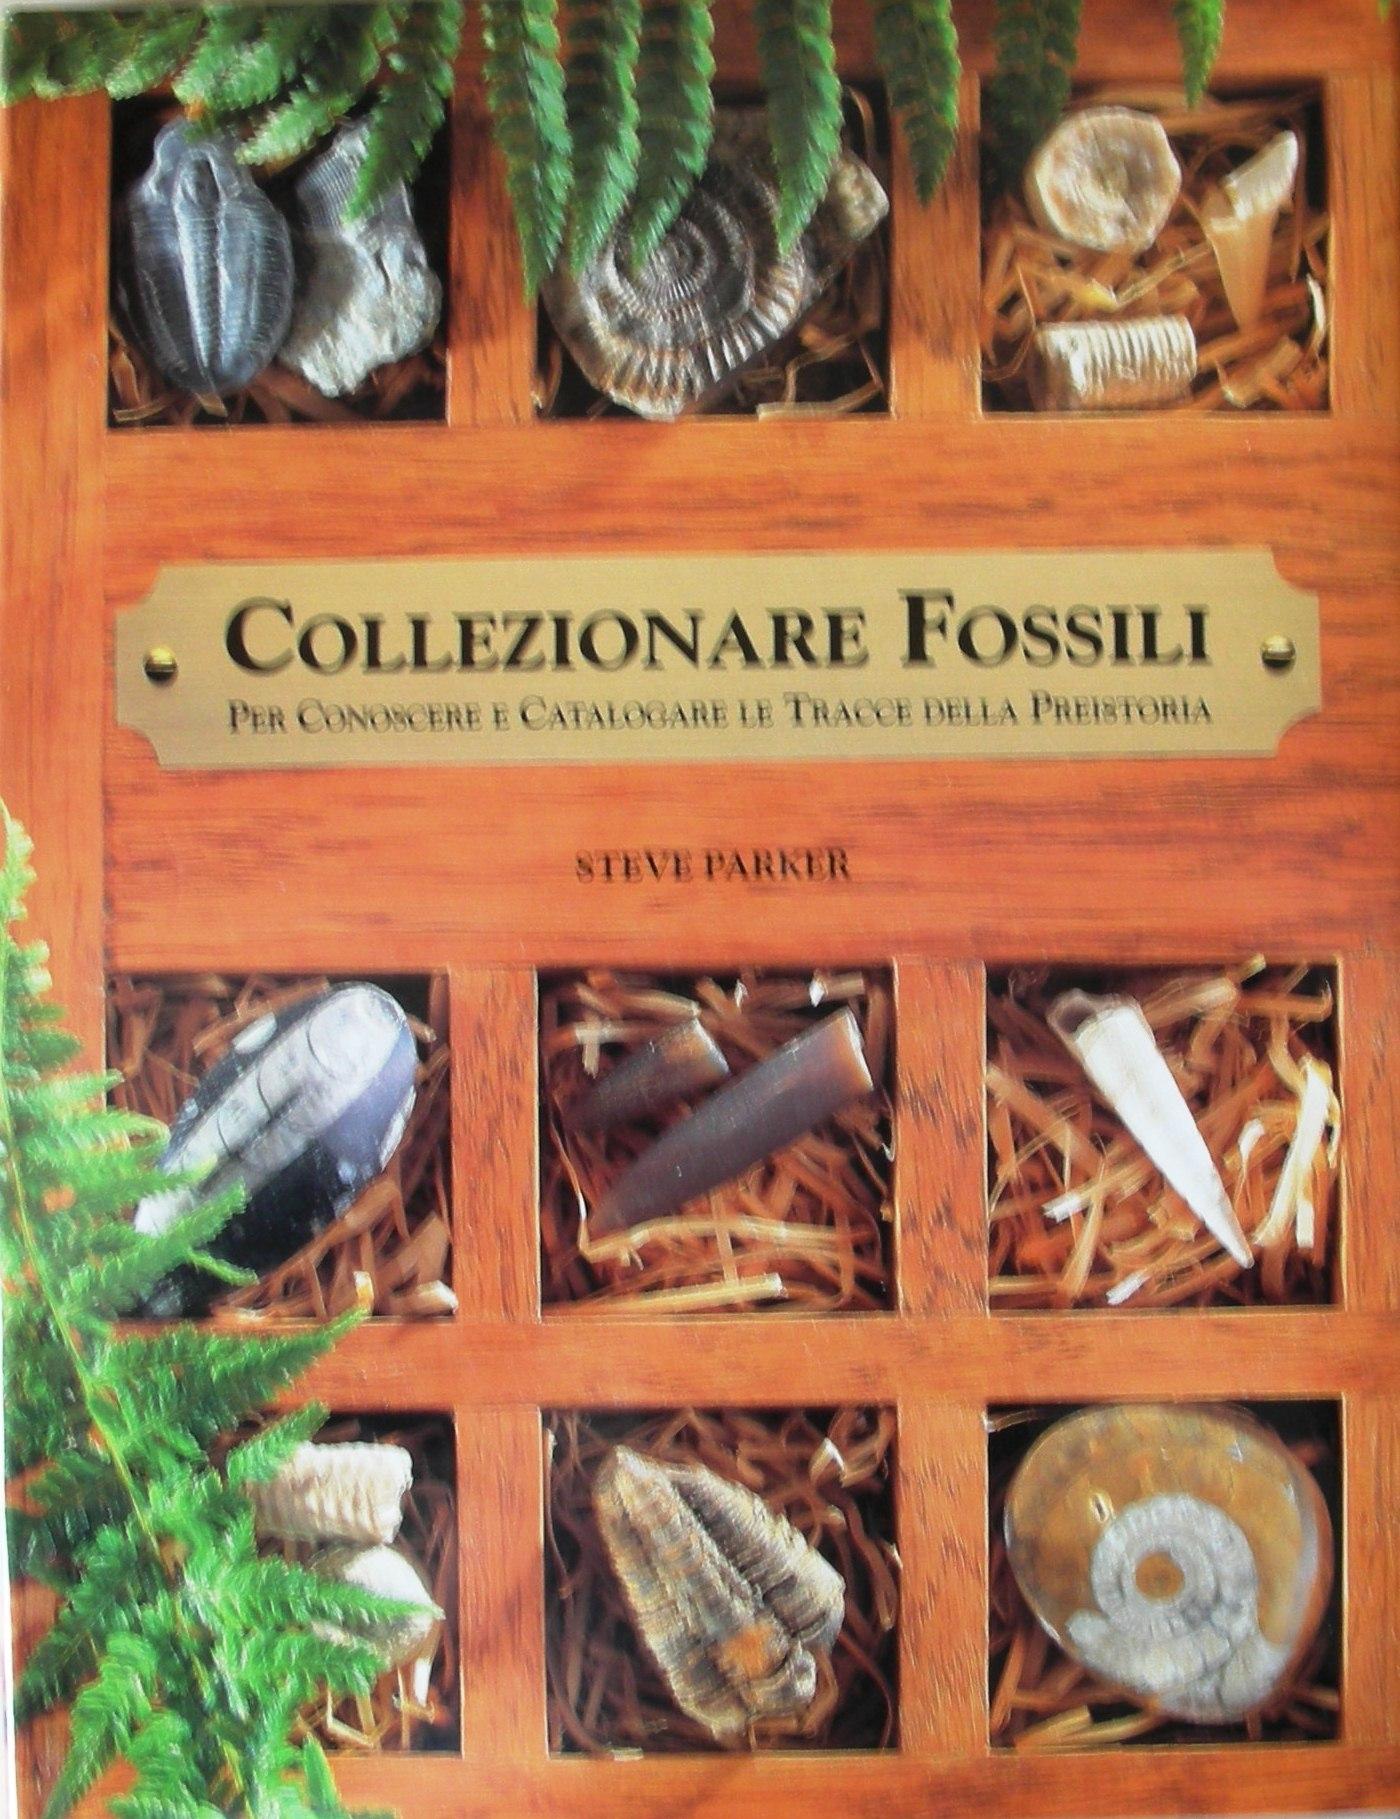 Collezionare fossili per conoscere e catalogare le tracce della preistoria